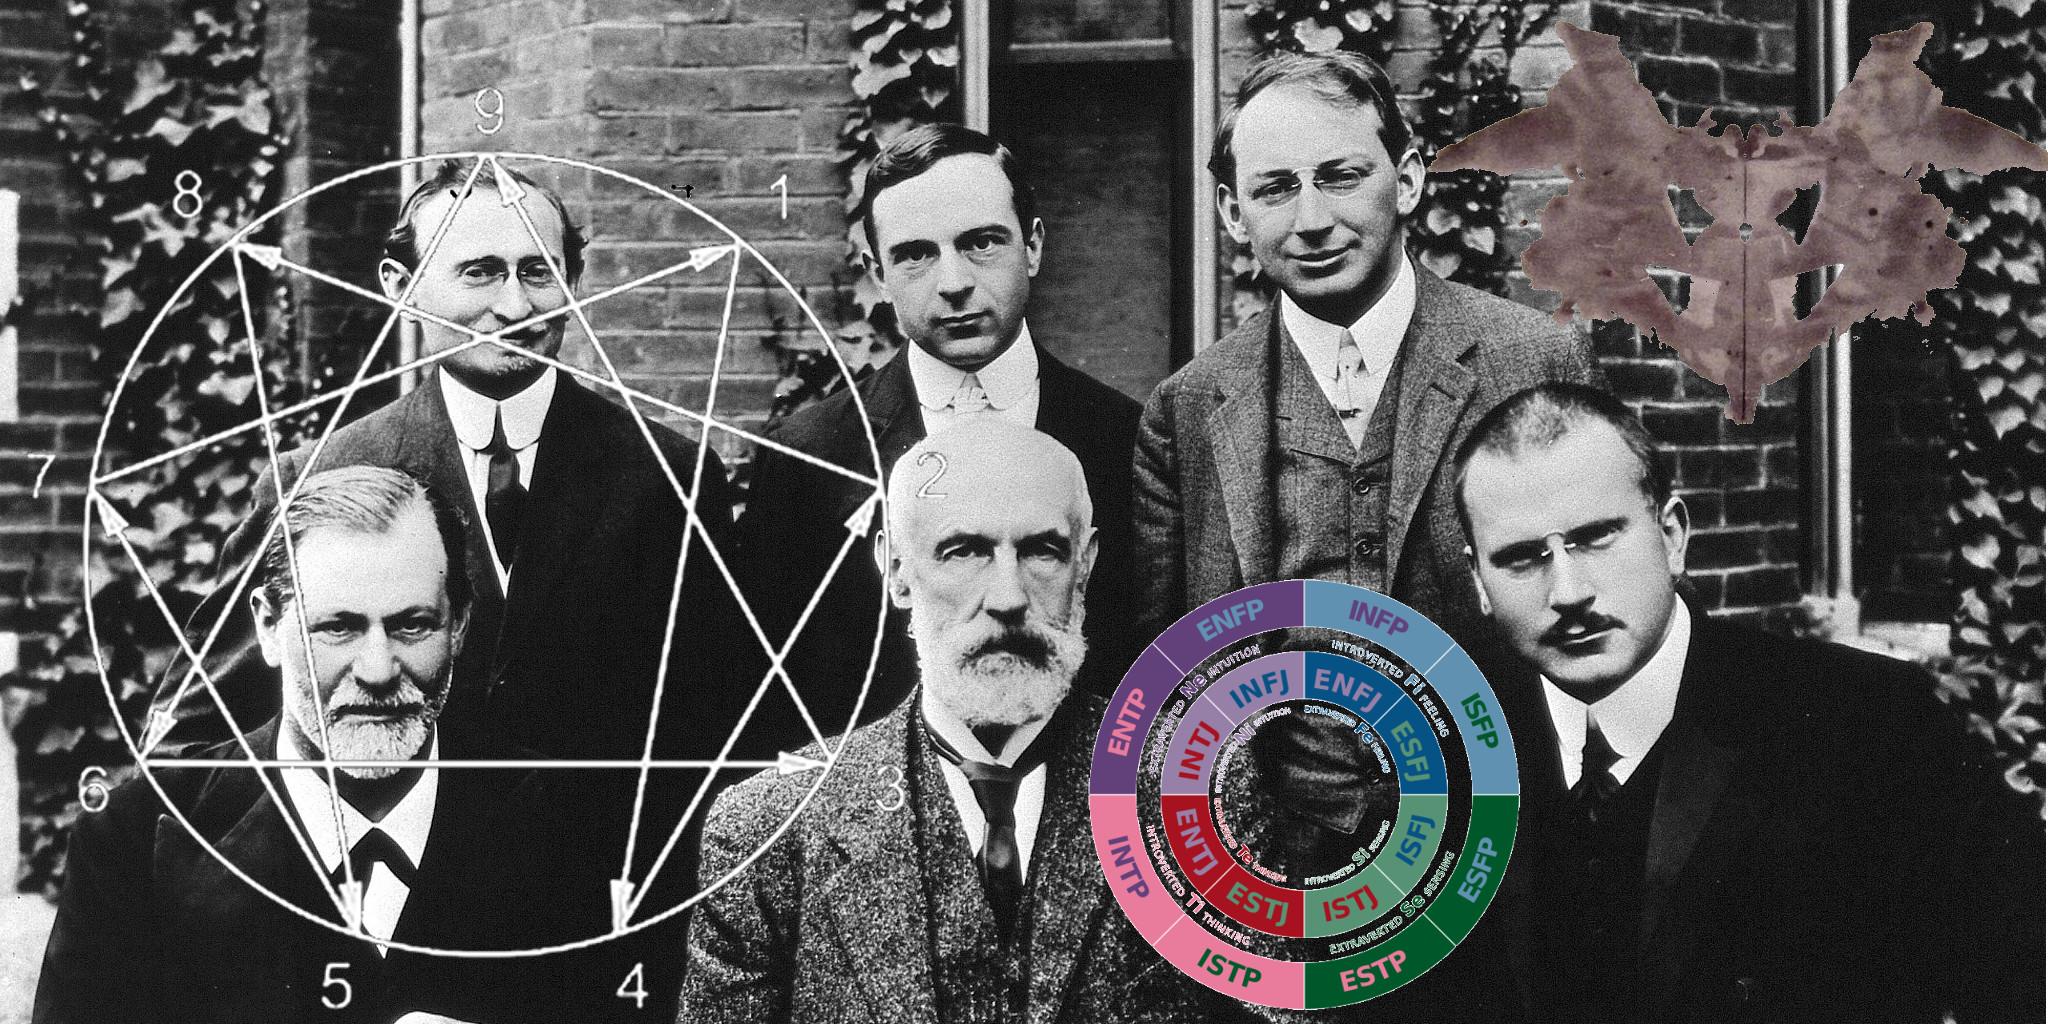 De grondleggers van de psychoanalyse met de rohrschachtest, het eneagram en MBTI